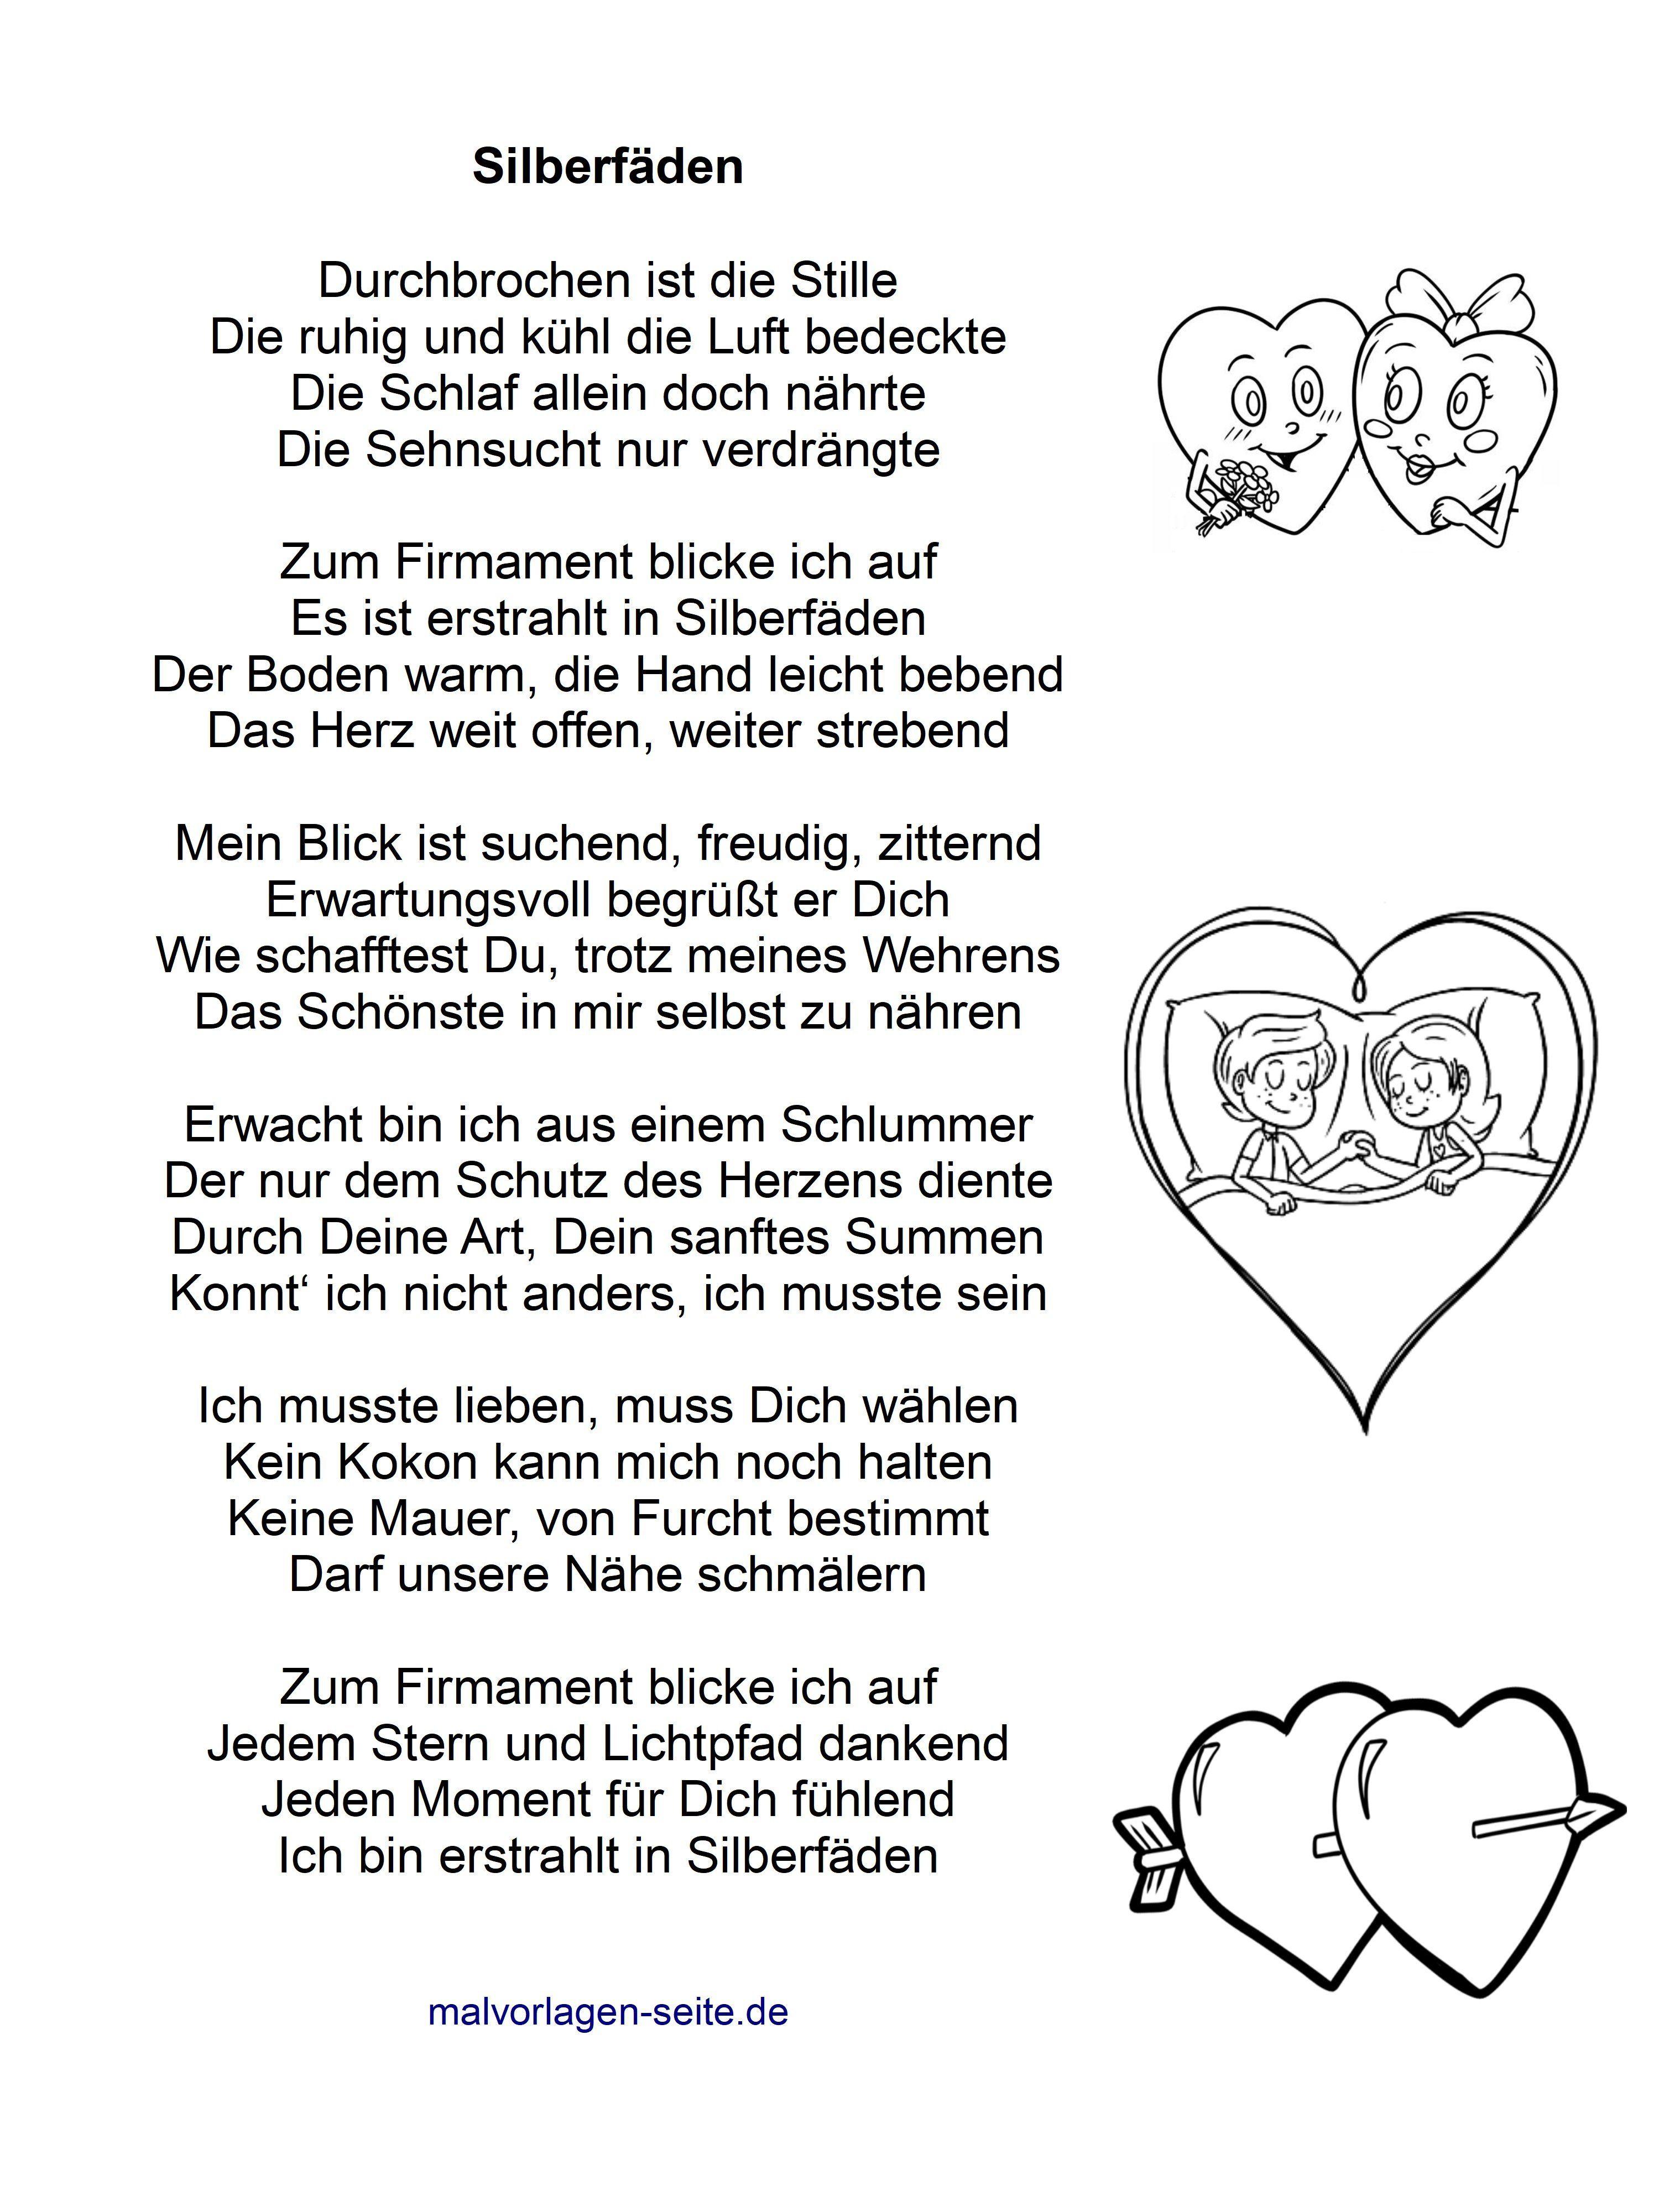 Schönes Liebesgedicht - Silberfäden - Gedicht über die Liebe